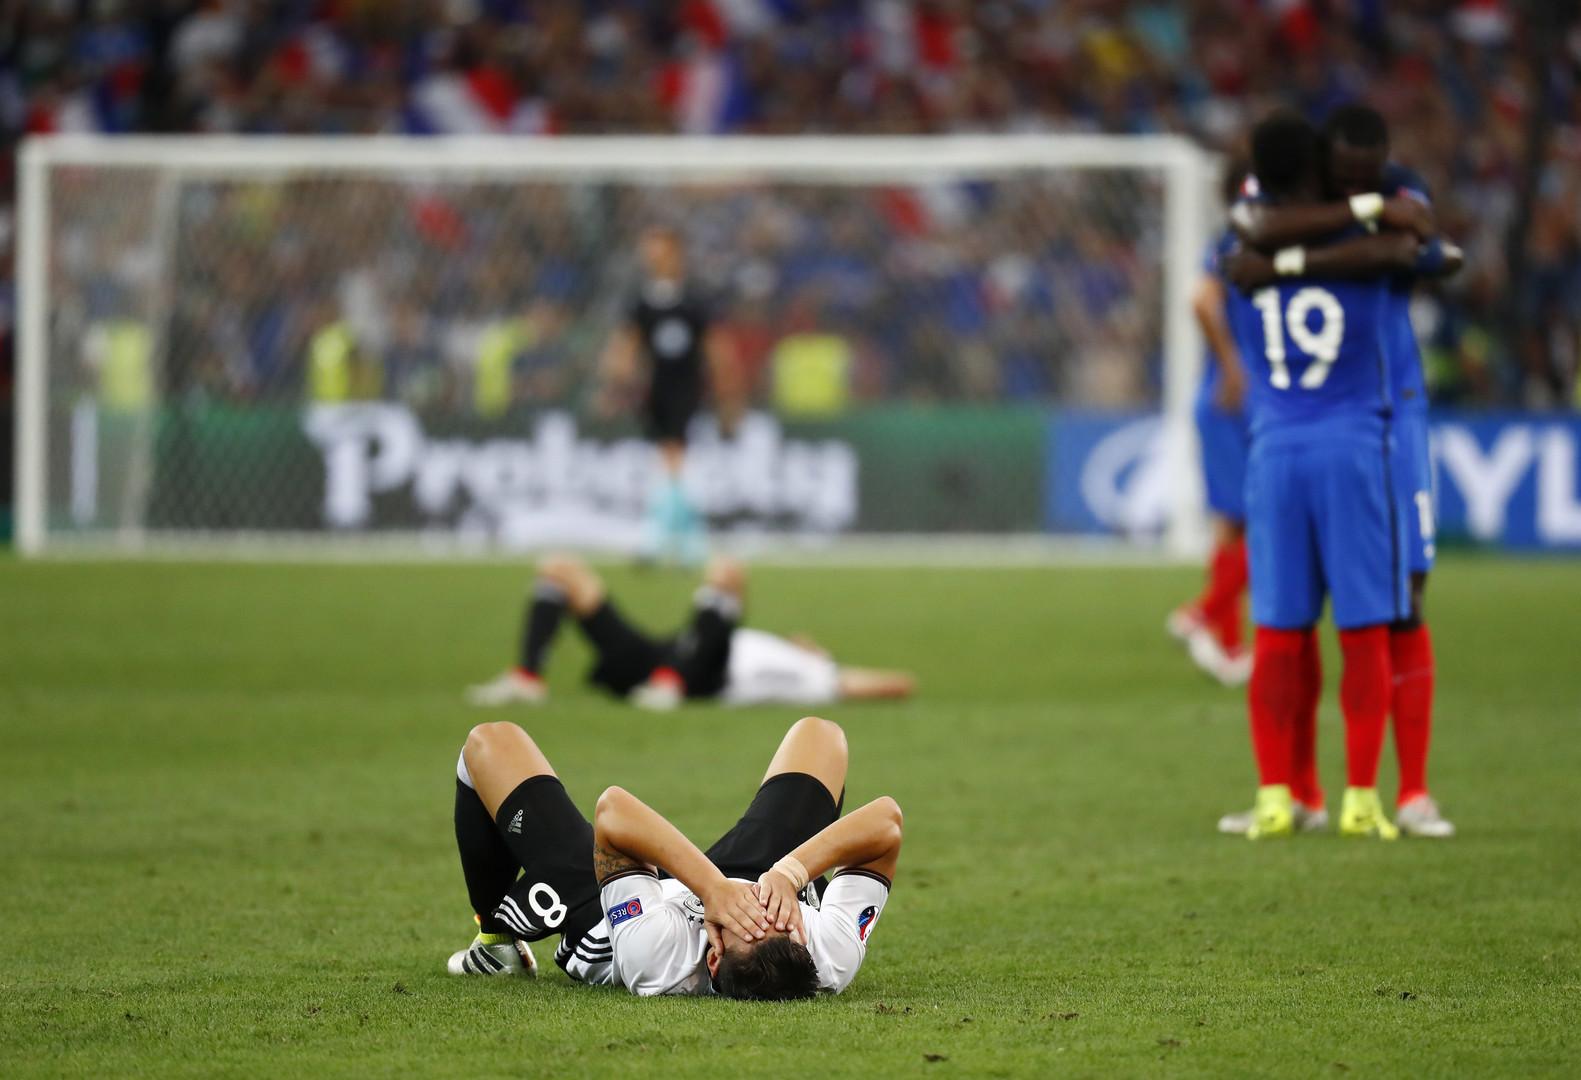 Германия проиграла в полуфинале Евро-2016. Немецкий футболист Месут Озиль лежит на траве после завершения матча полуфинала Евро-2016, в котором сборная Германии уступила сборной Франции со счётом 0:2.